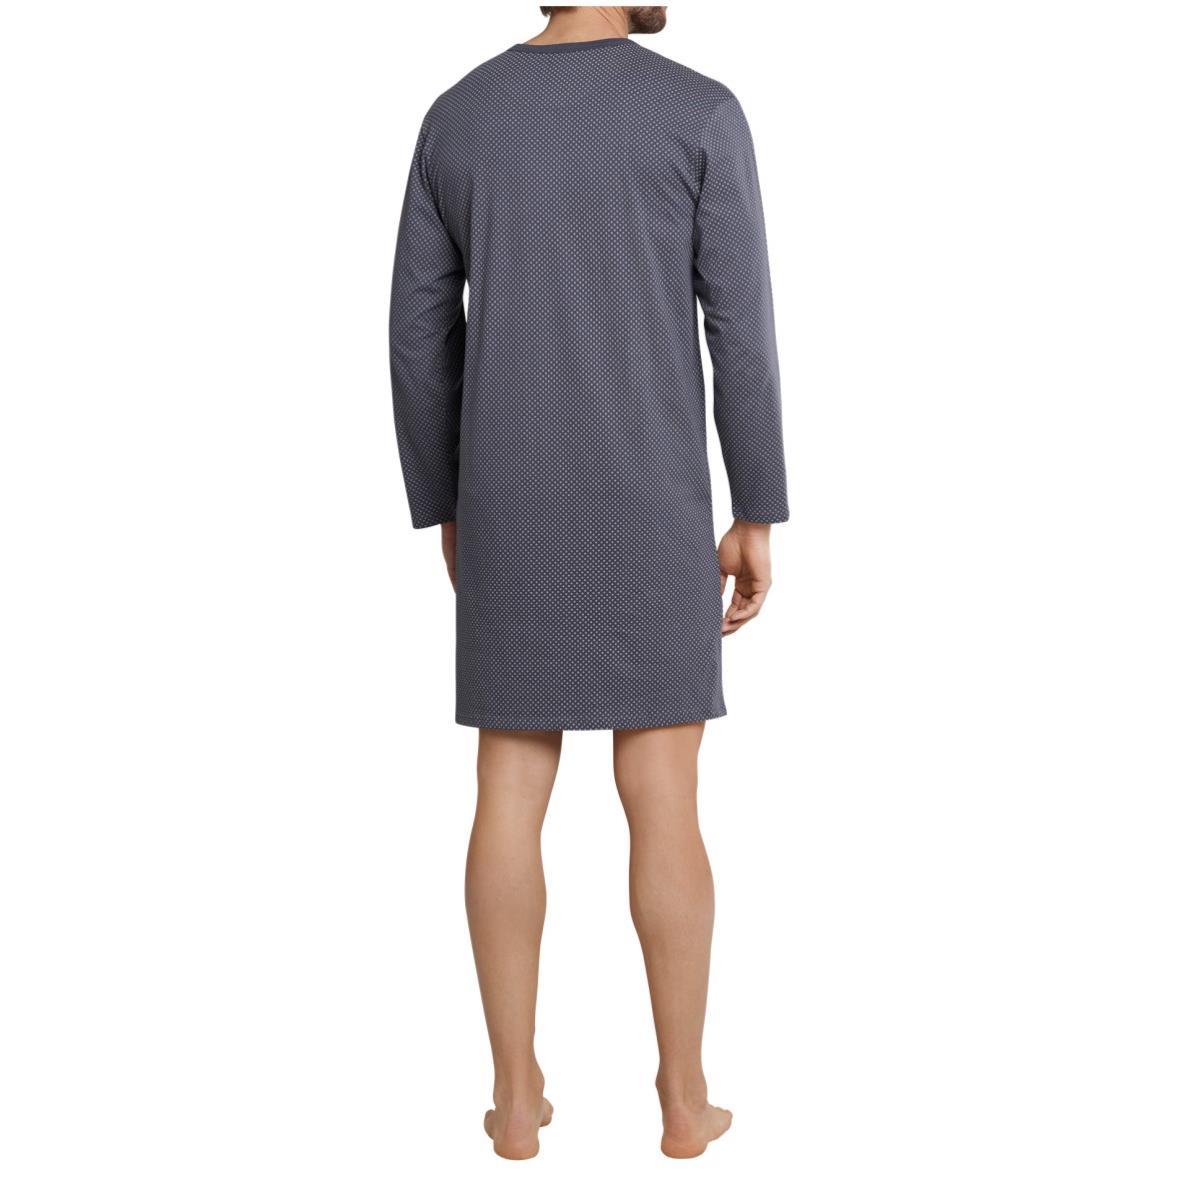 SCHIESSER Herren Nachthemd langarm Serafino-Kragen anthrazit-weiß bedruckt Ebony